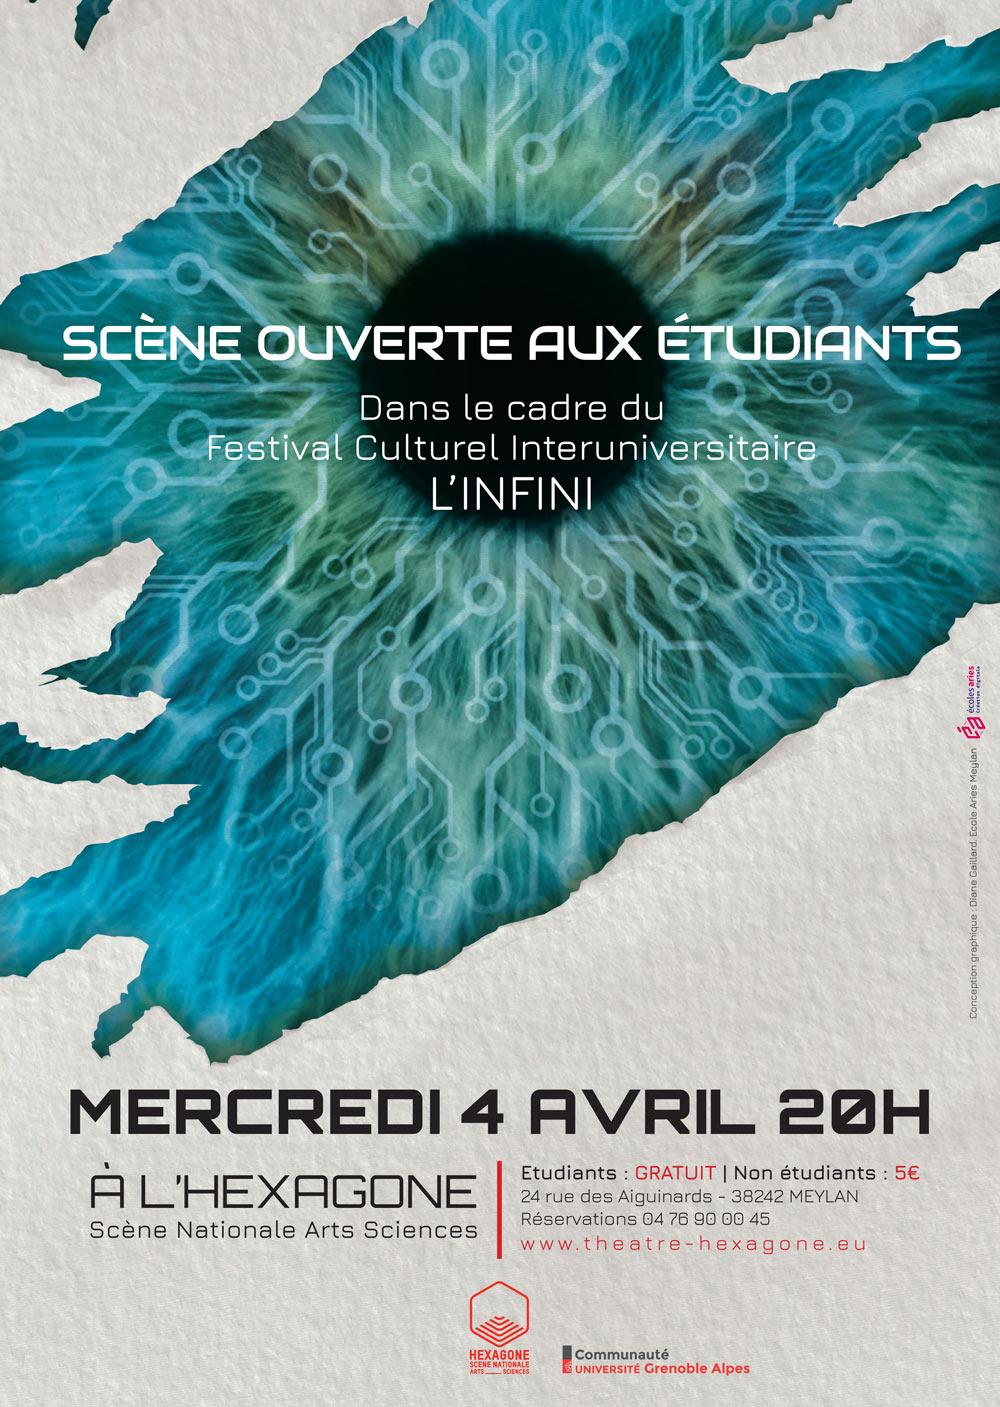 Affiche du festival L'infini édition 2018 festival culturel interuniversitaire salle de théâtre l'hexagone, projet mené par Diane Gaillard